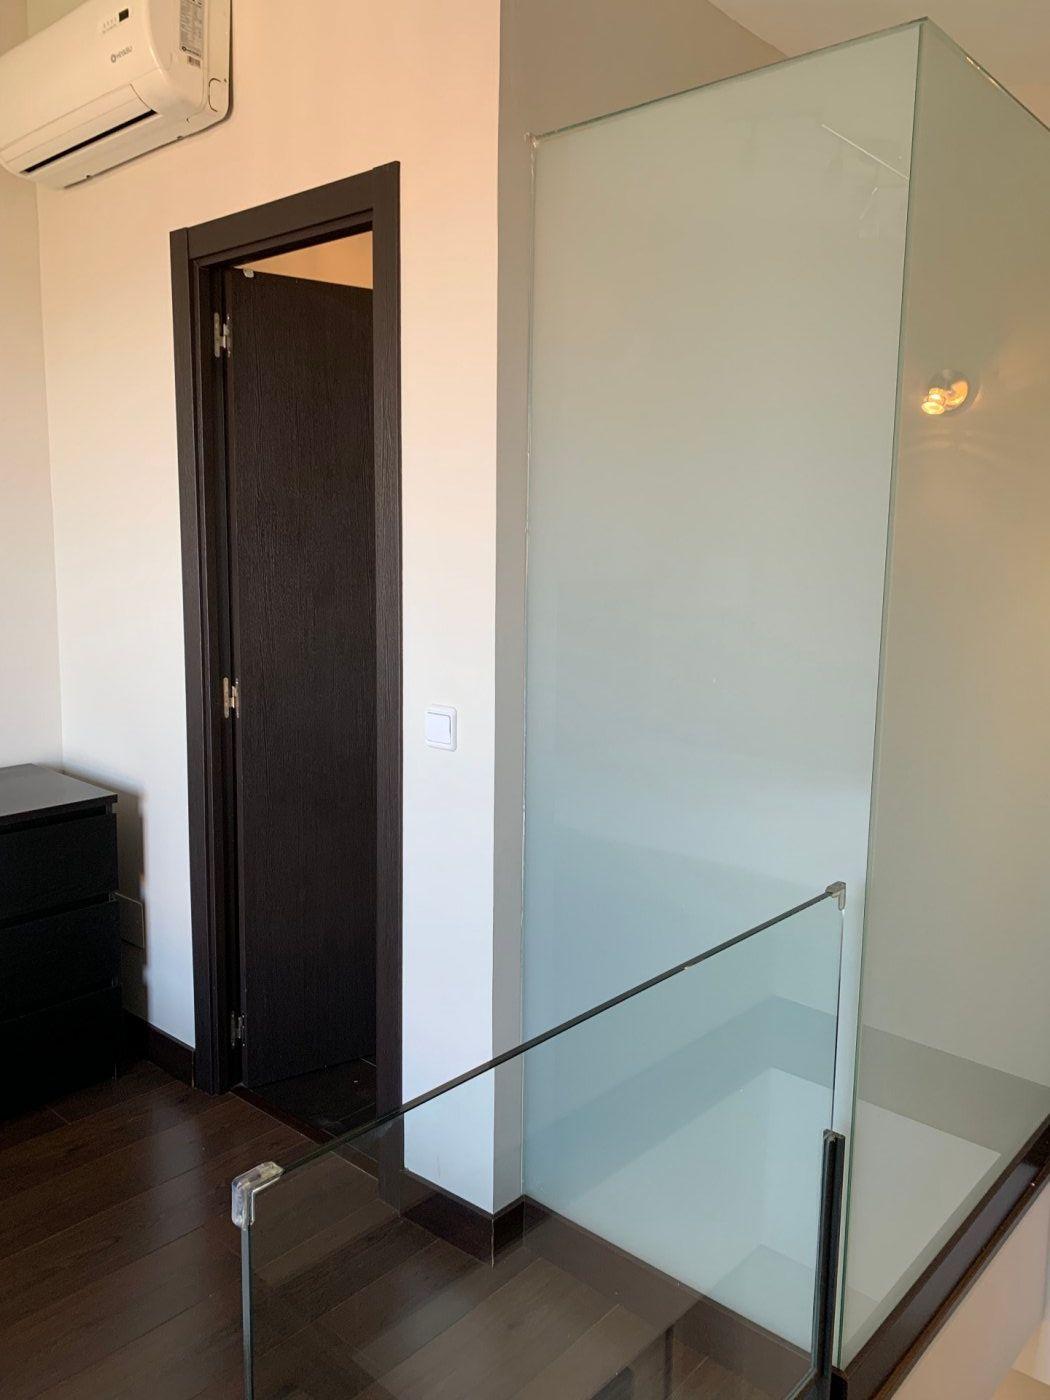 Venta o alquiler de piso en madrid - imagenInmueble20